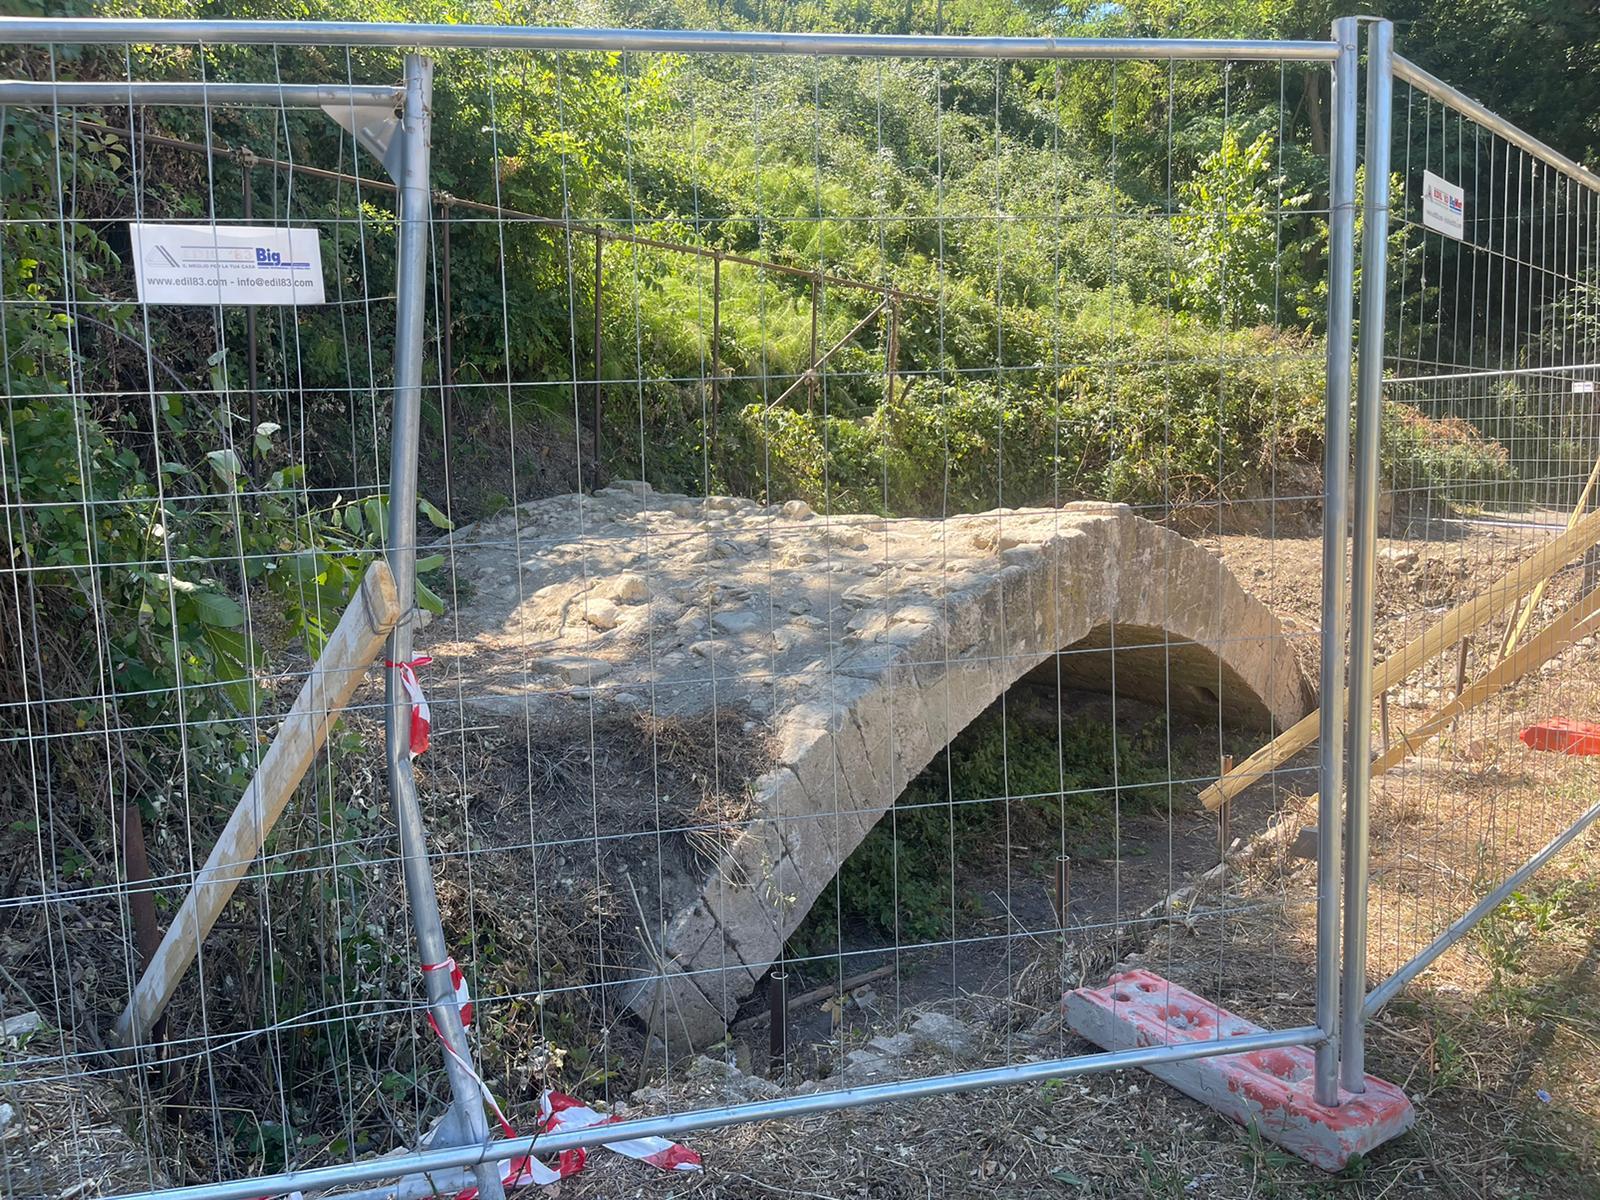 """Teramo, ripulito il Ponte degli impiccati: """"Avanti con la riqualificazione del parco fluviale"""" FOTO VIDEO"""